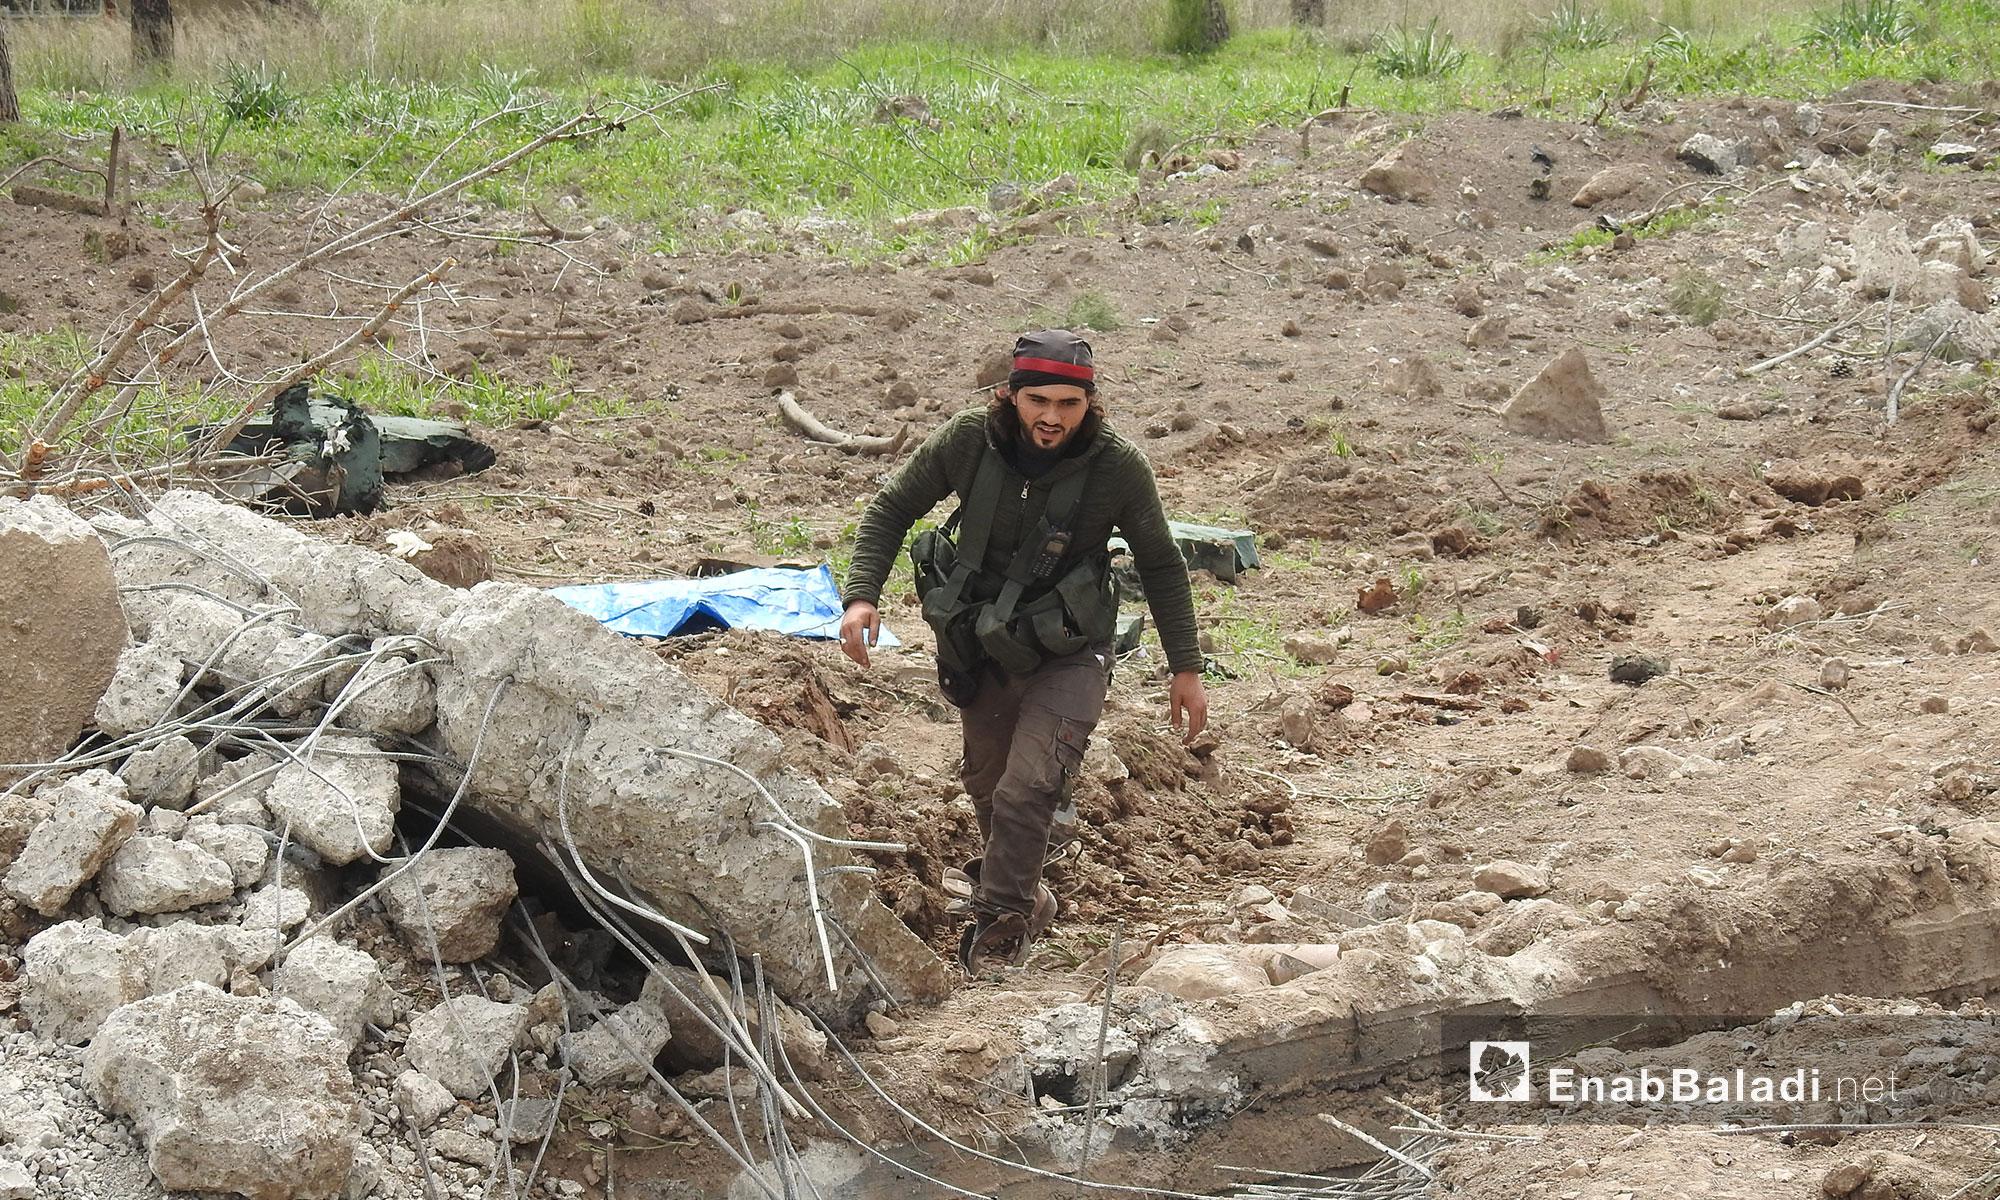 """معسكر كفر جنة بعد سيطرة """"الجيش الحر"""" عليه شمالي عفرين - 7 آذار 2018 (عنب بلدي)"""